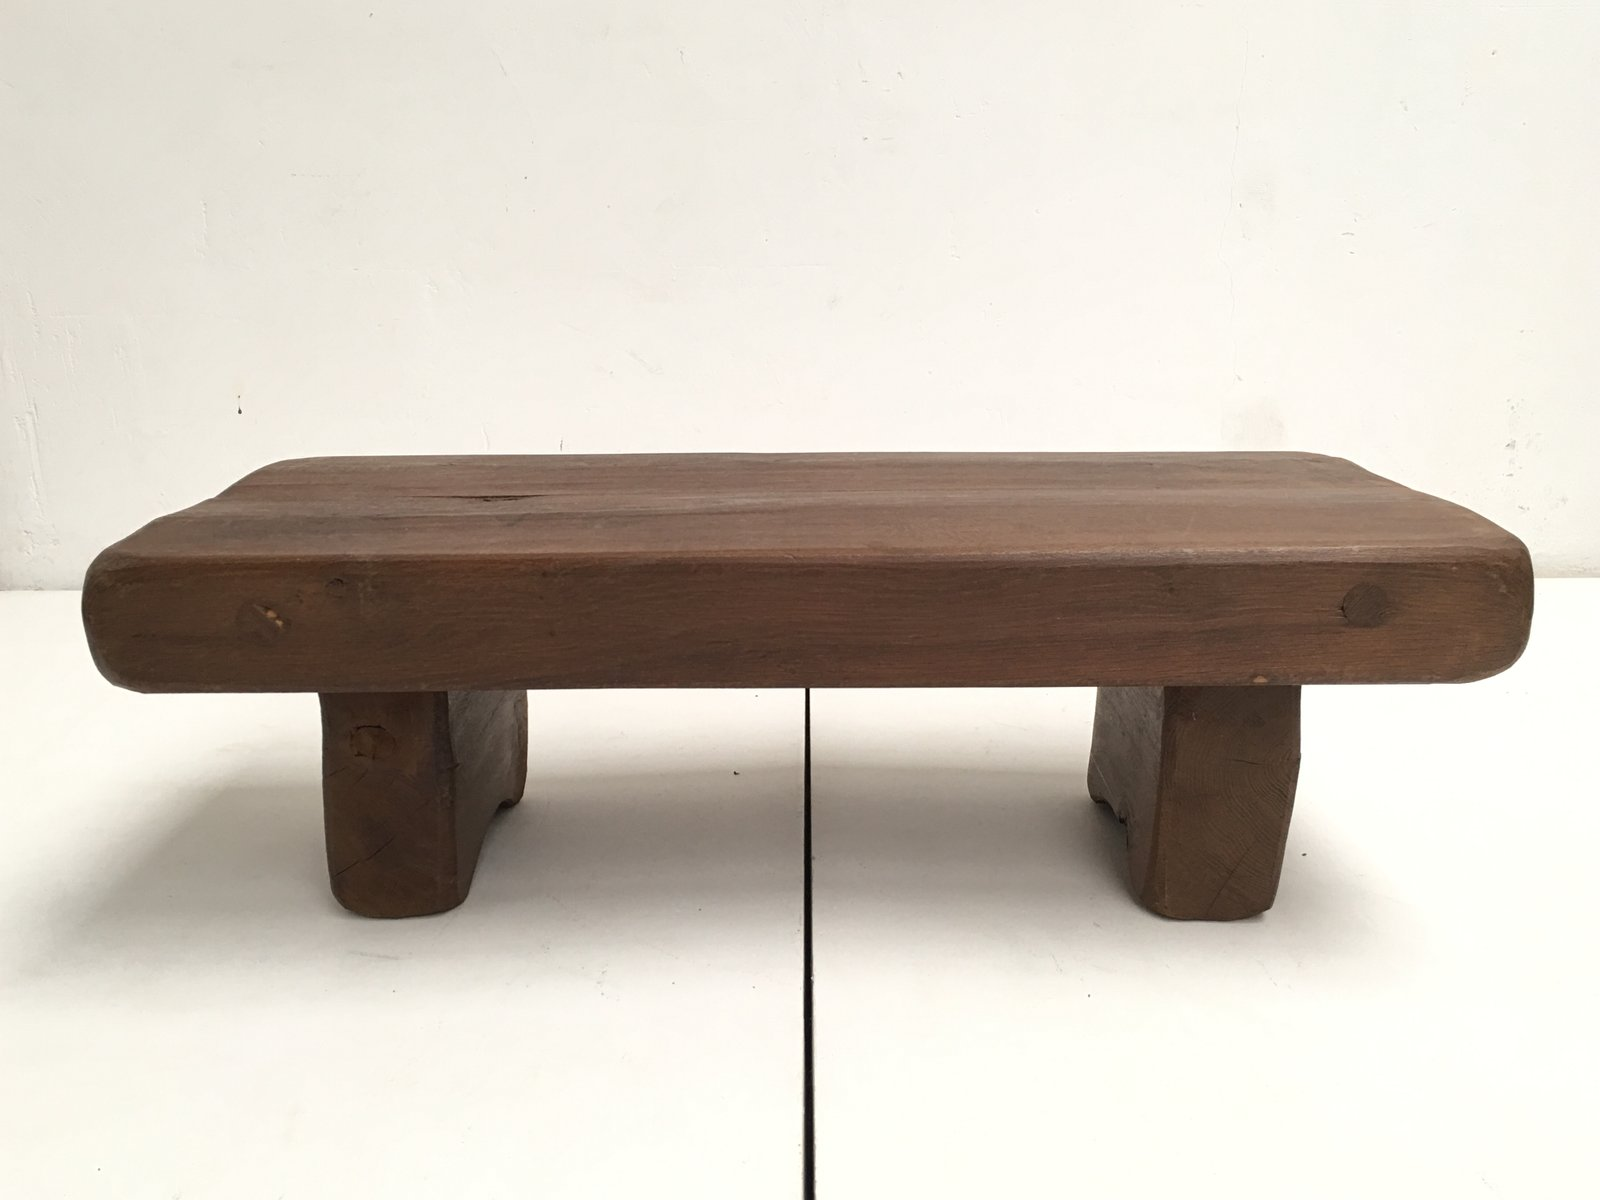 table basse rustique en ch ne massif france en vente sur pamono. Black Bedroom Furniture Sets. Home Design Ideas